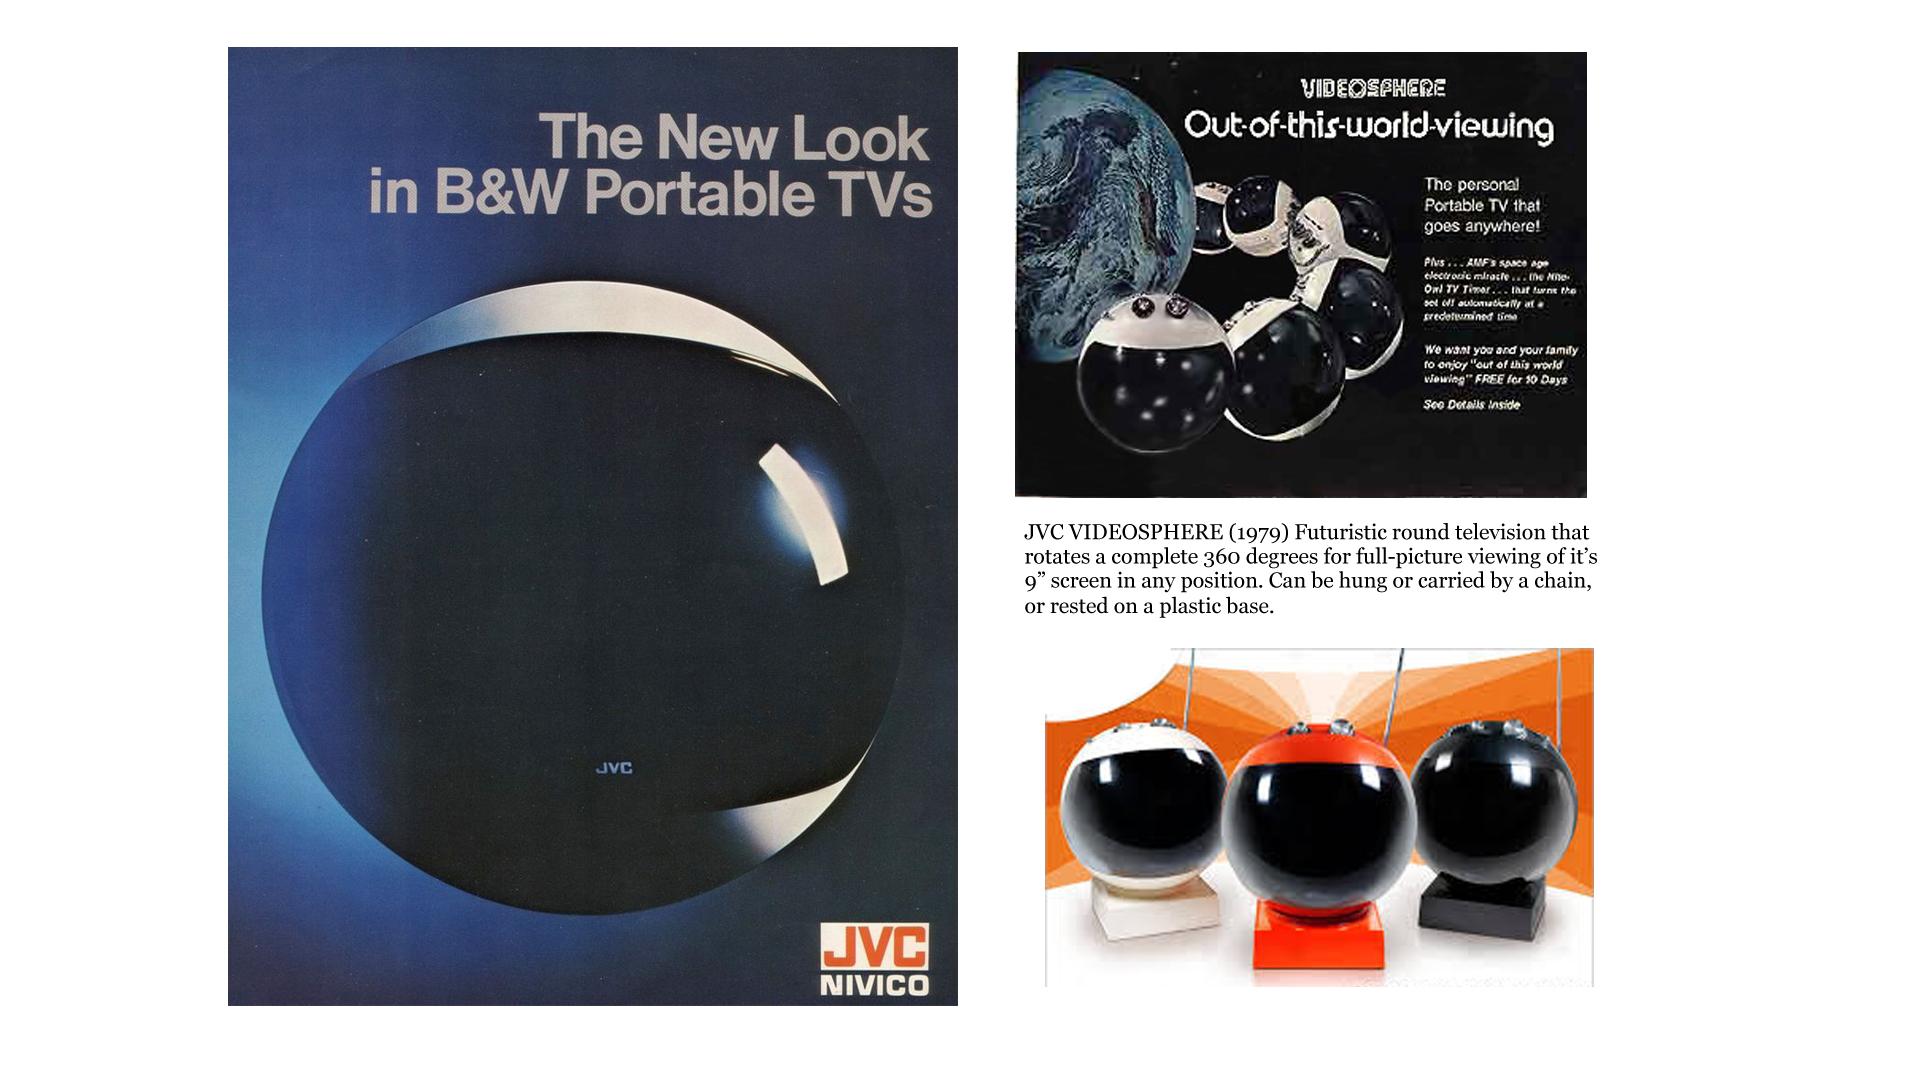 1970 jvc videoshpere.jpg